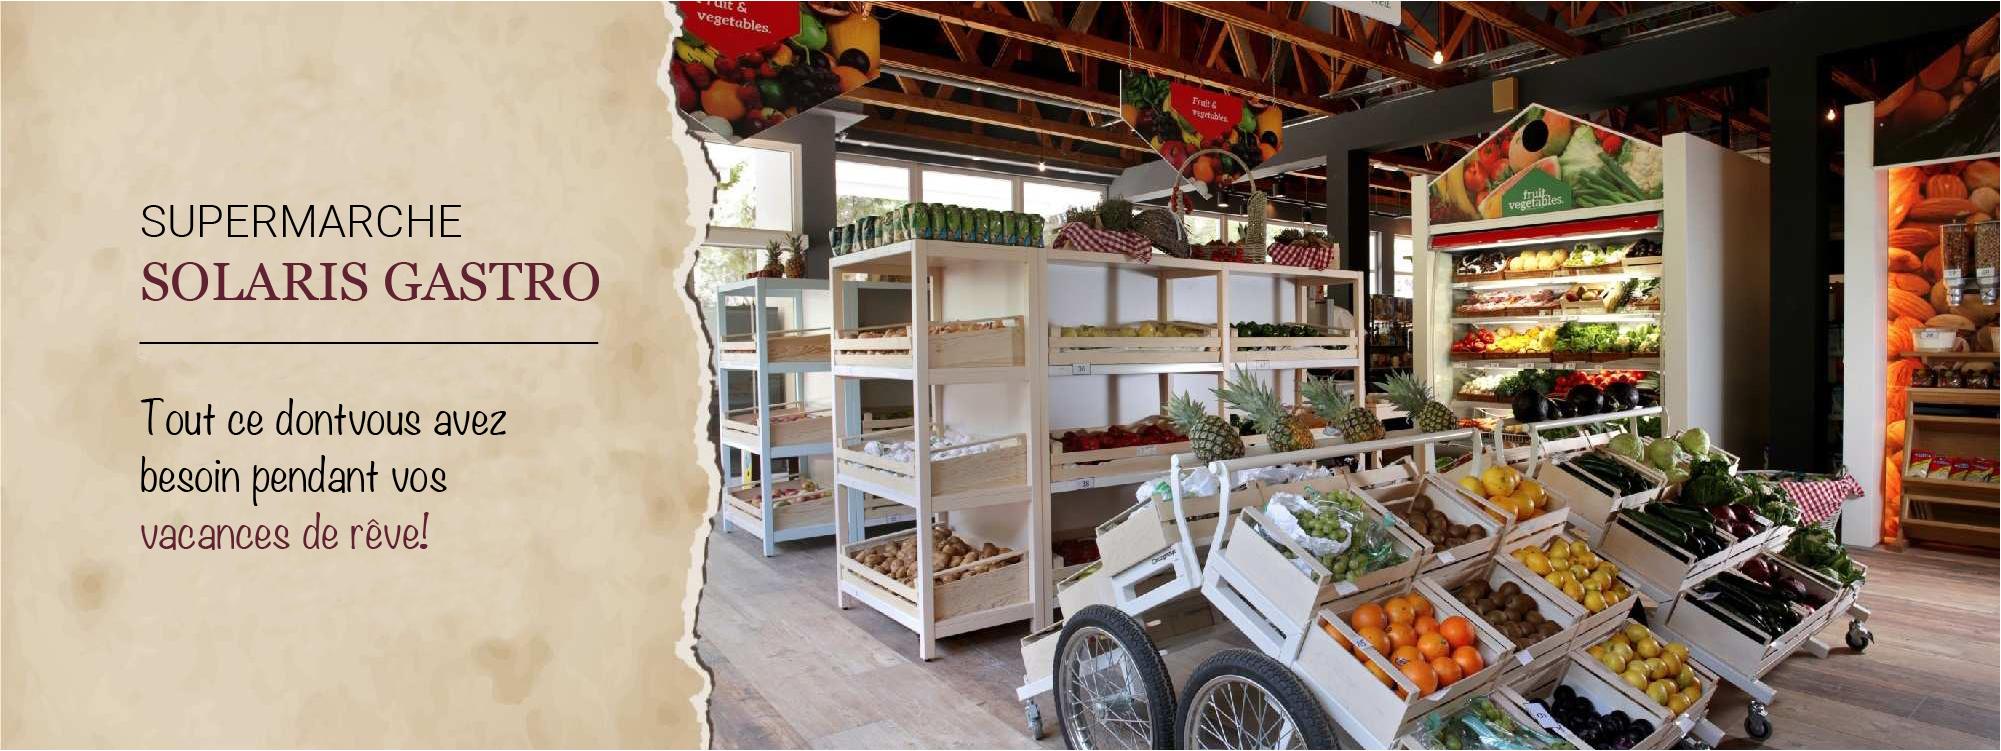 Web-slider-gastro-supermarket-01